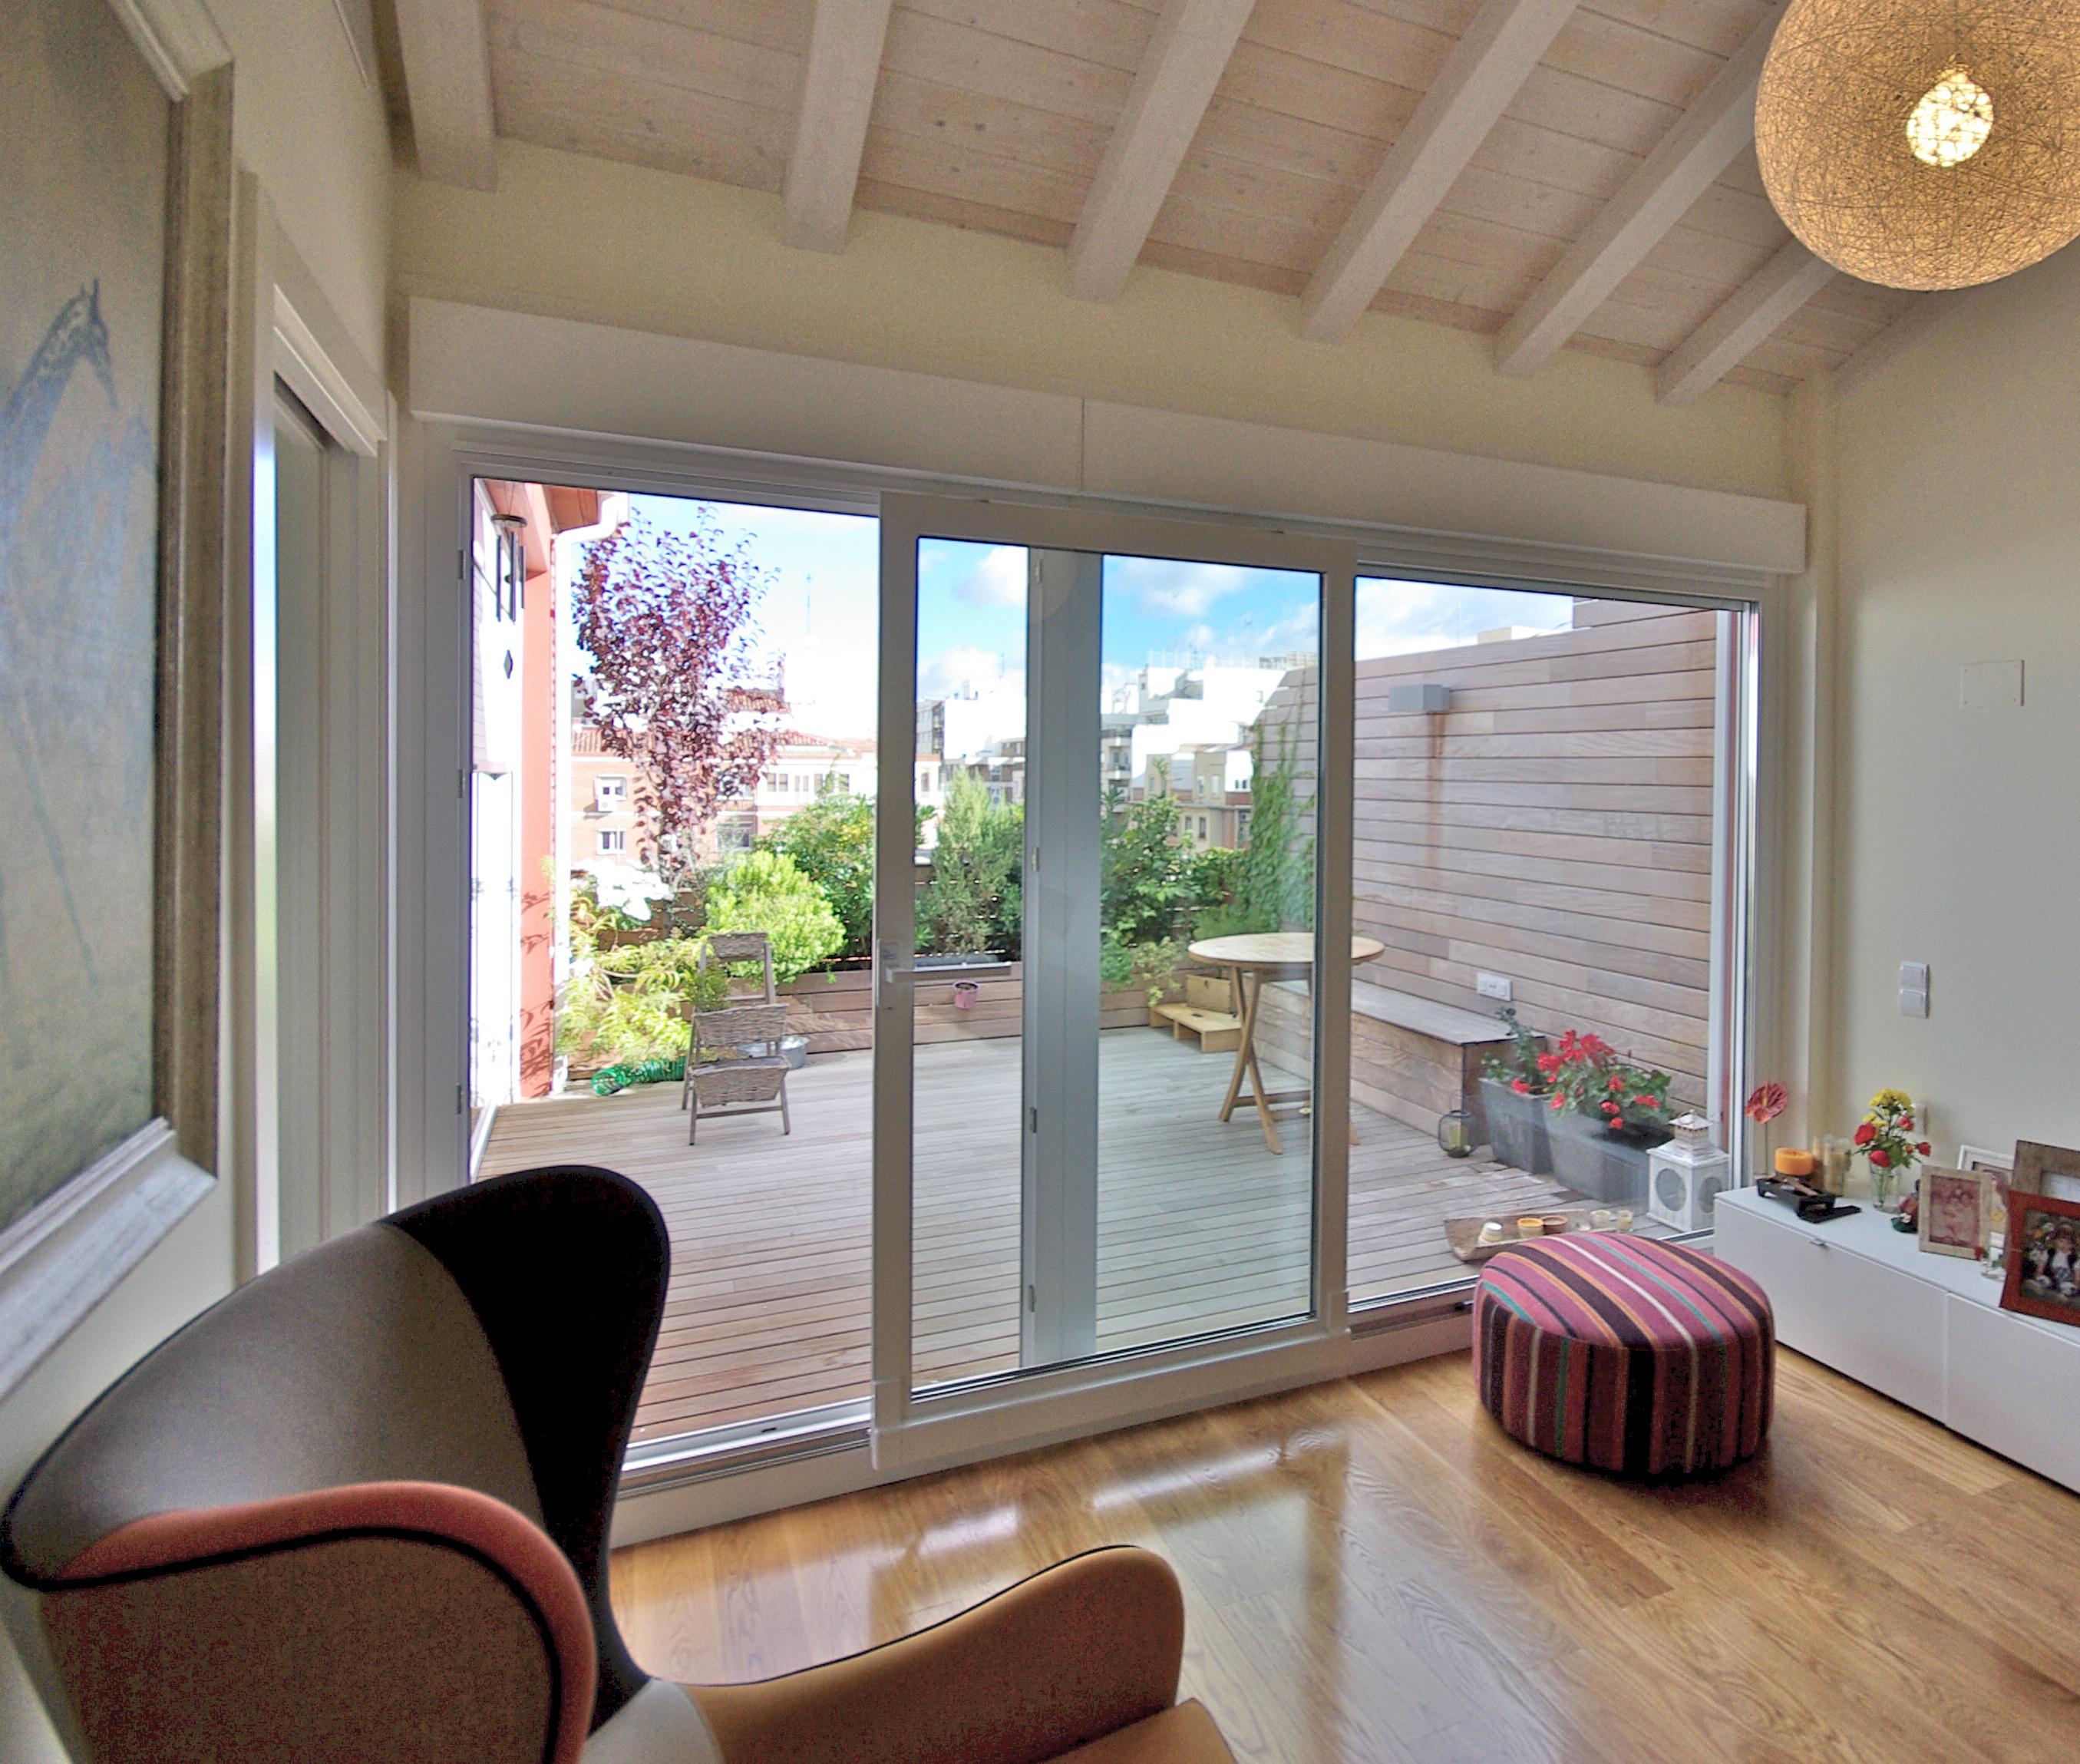 Puertas page weru casas carpinter a y decoraci n - Carpinteria casas ...